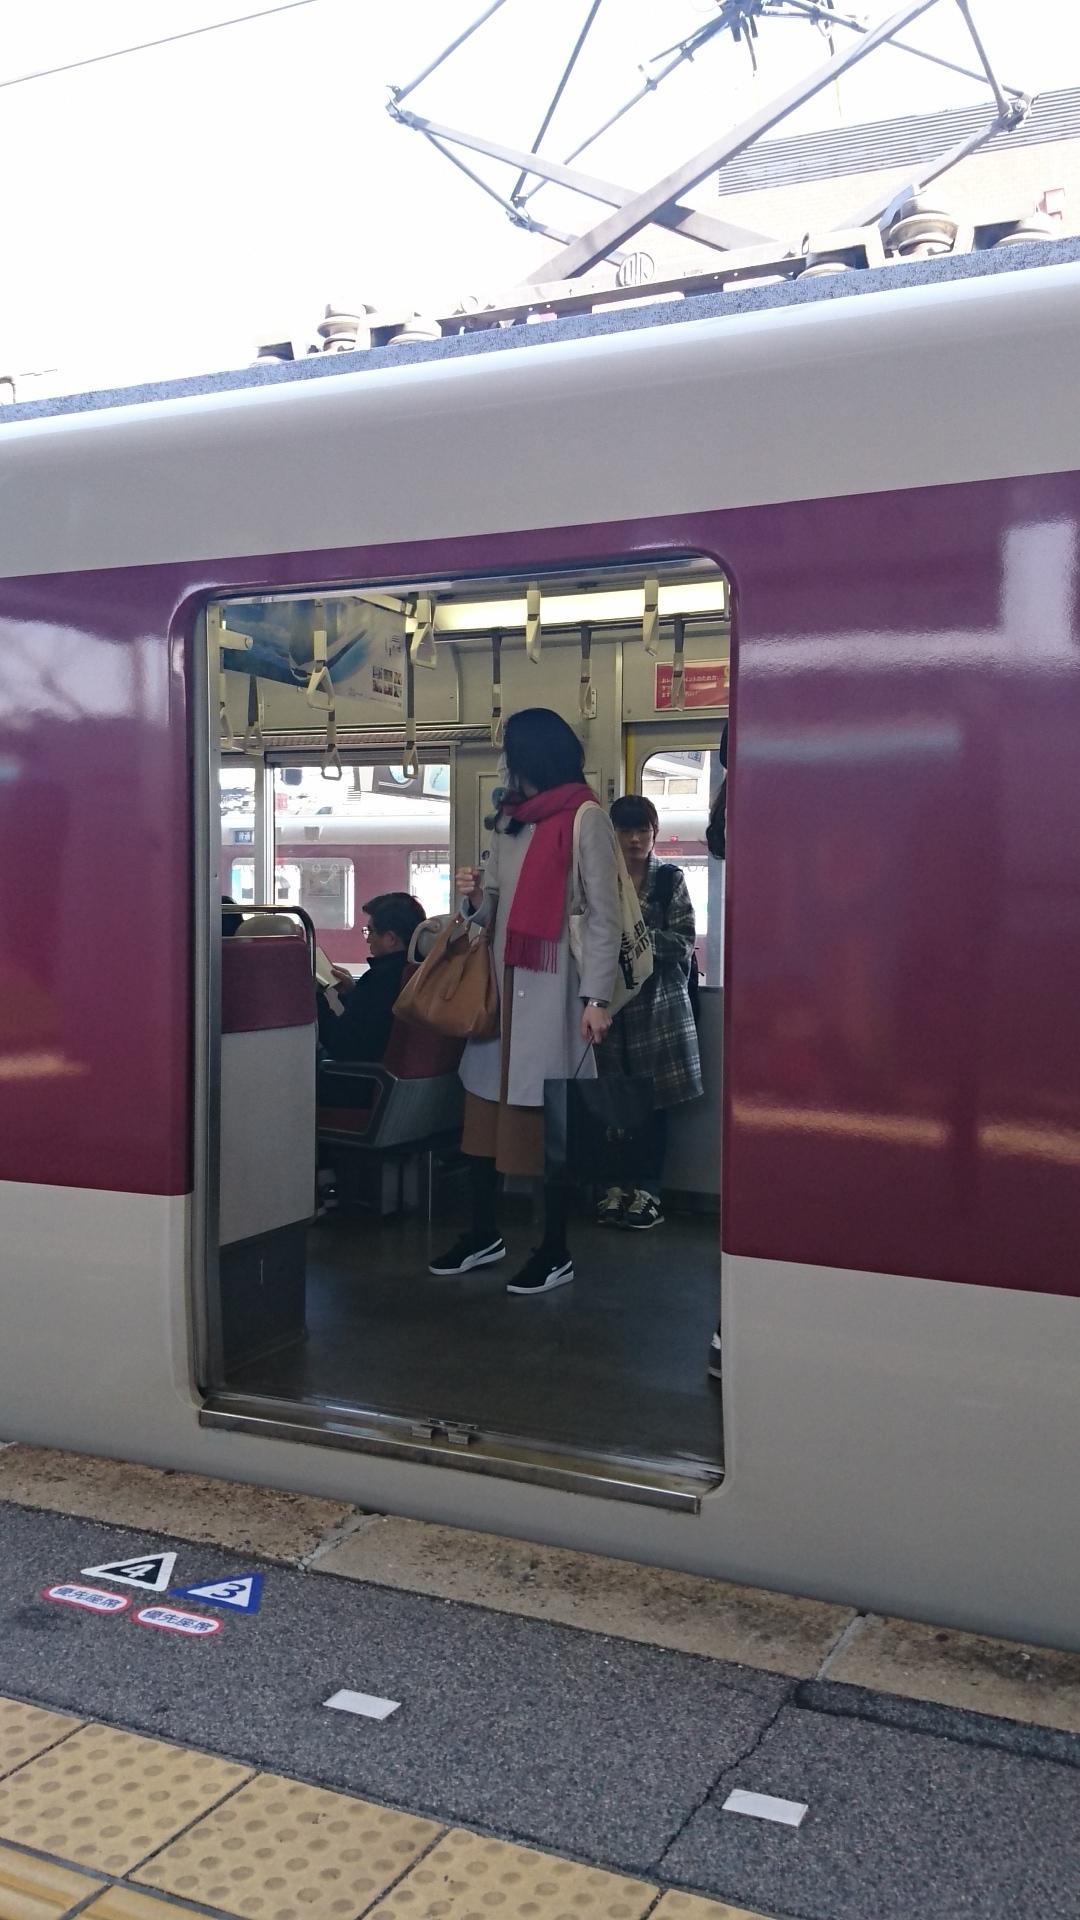 2018.3.13 白子 (71) 白子 - 名古屋いき急行 1080-1920